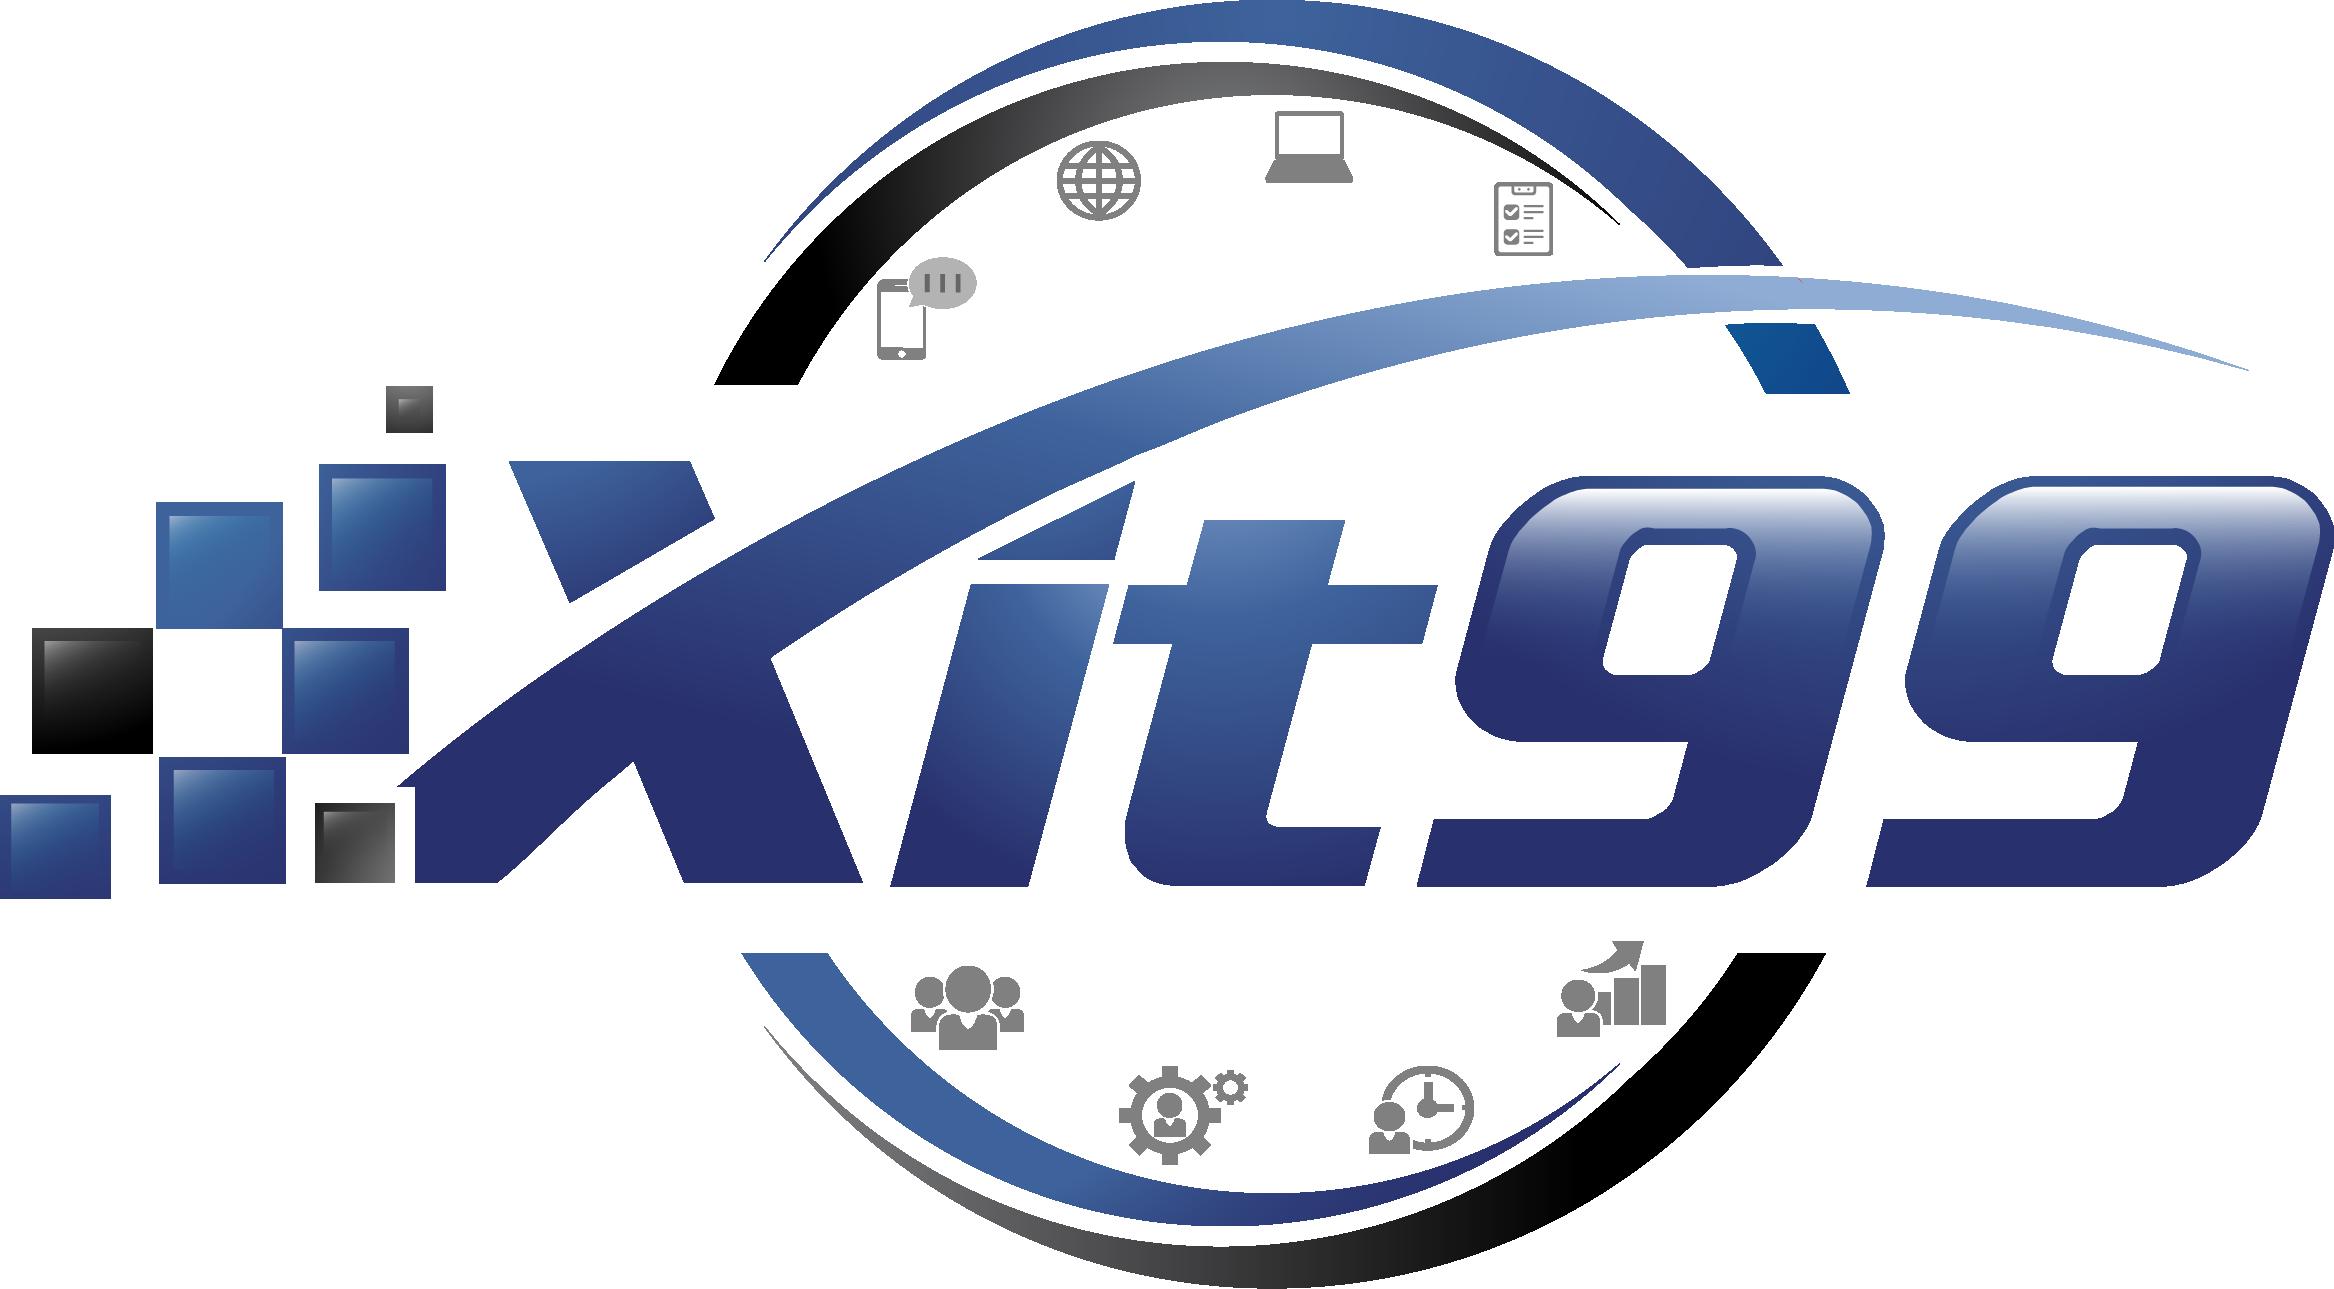 Xit99